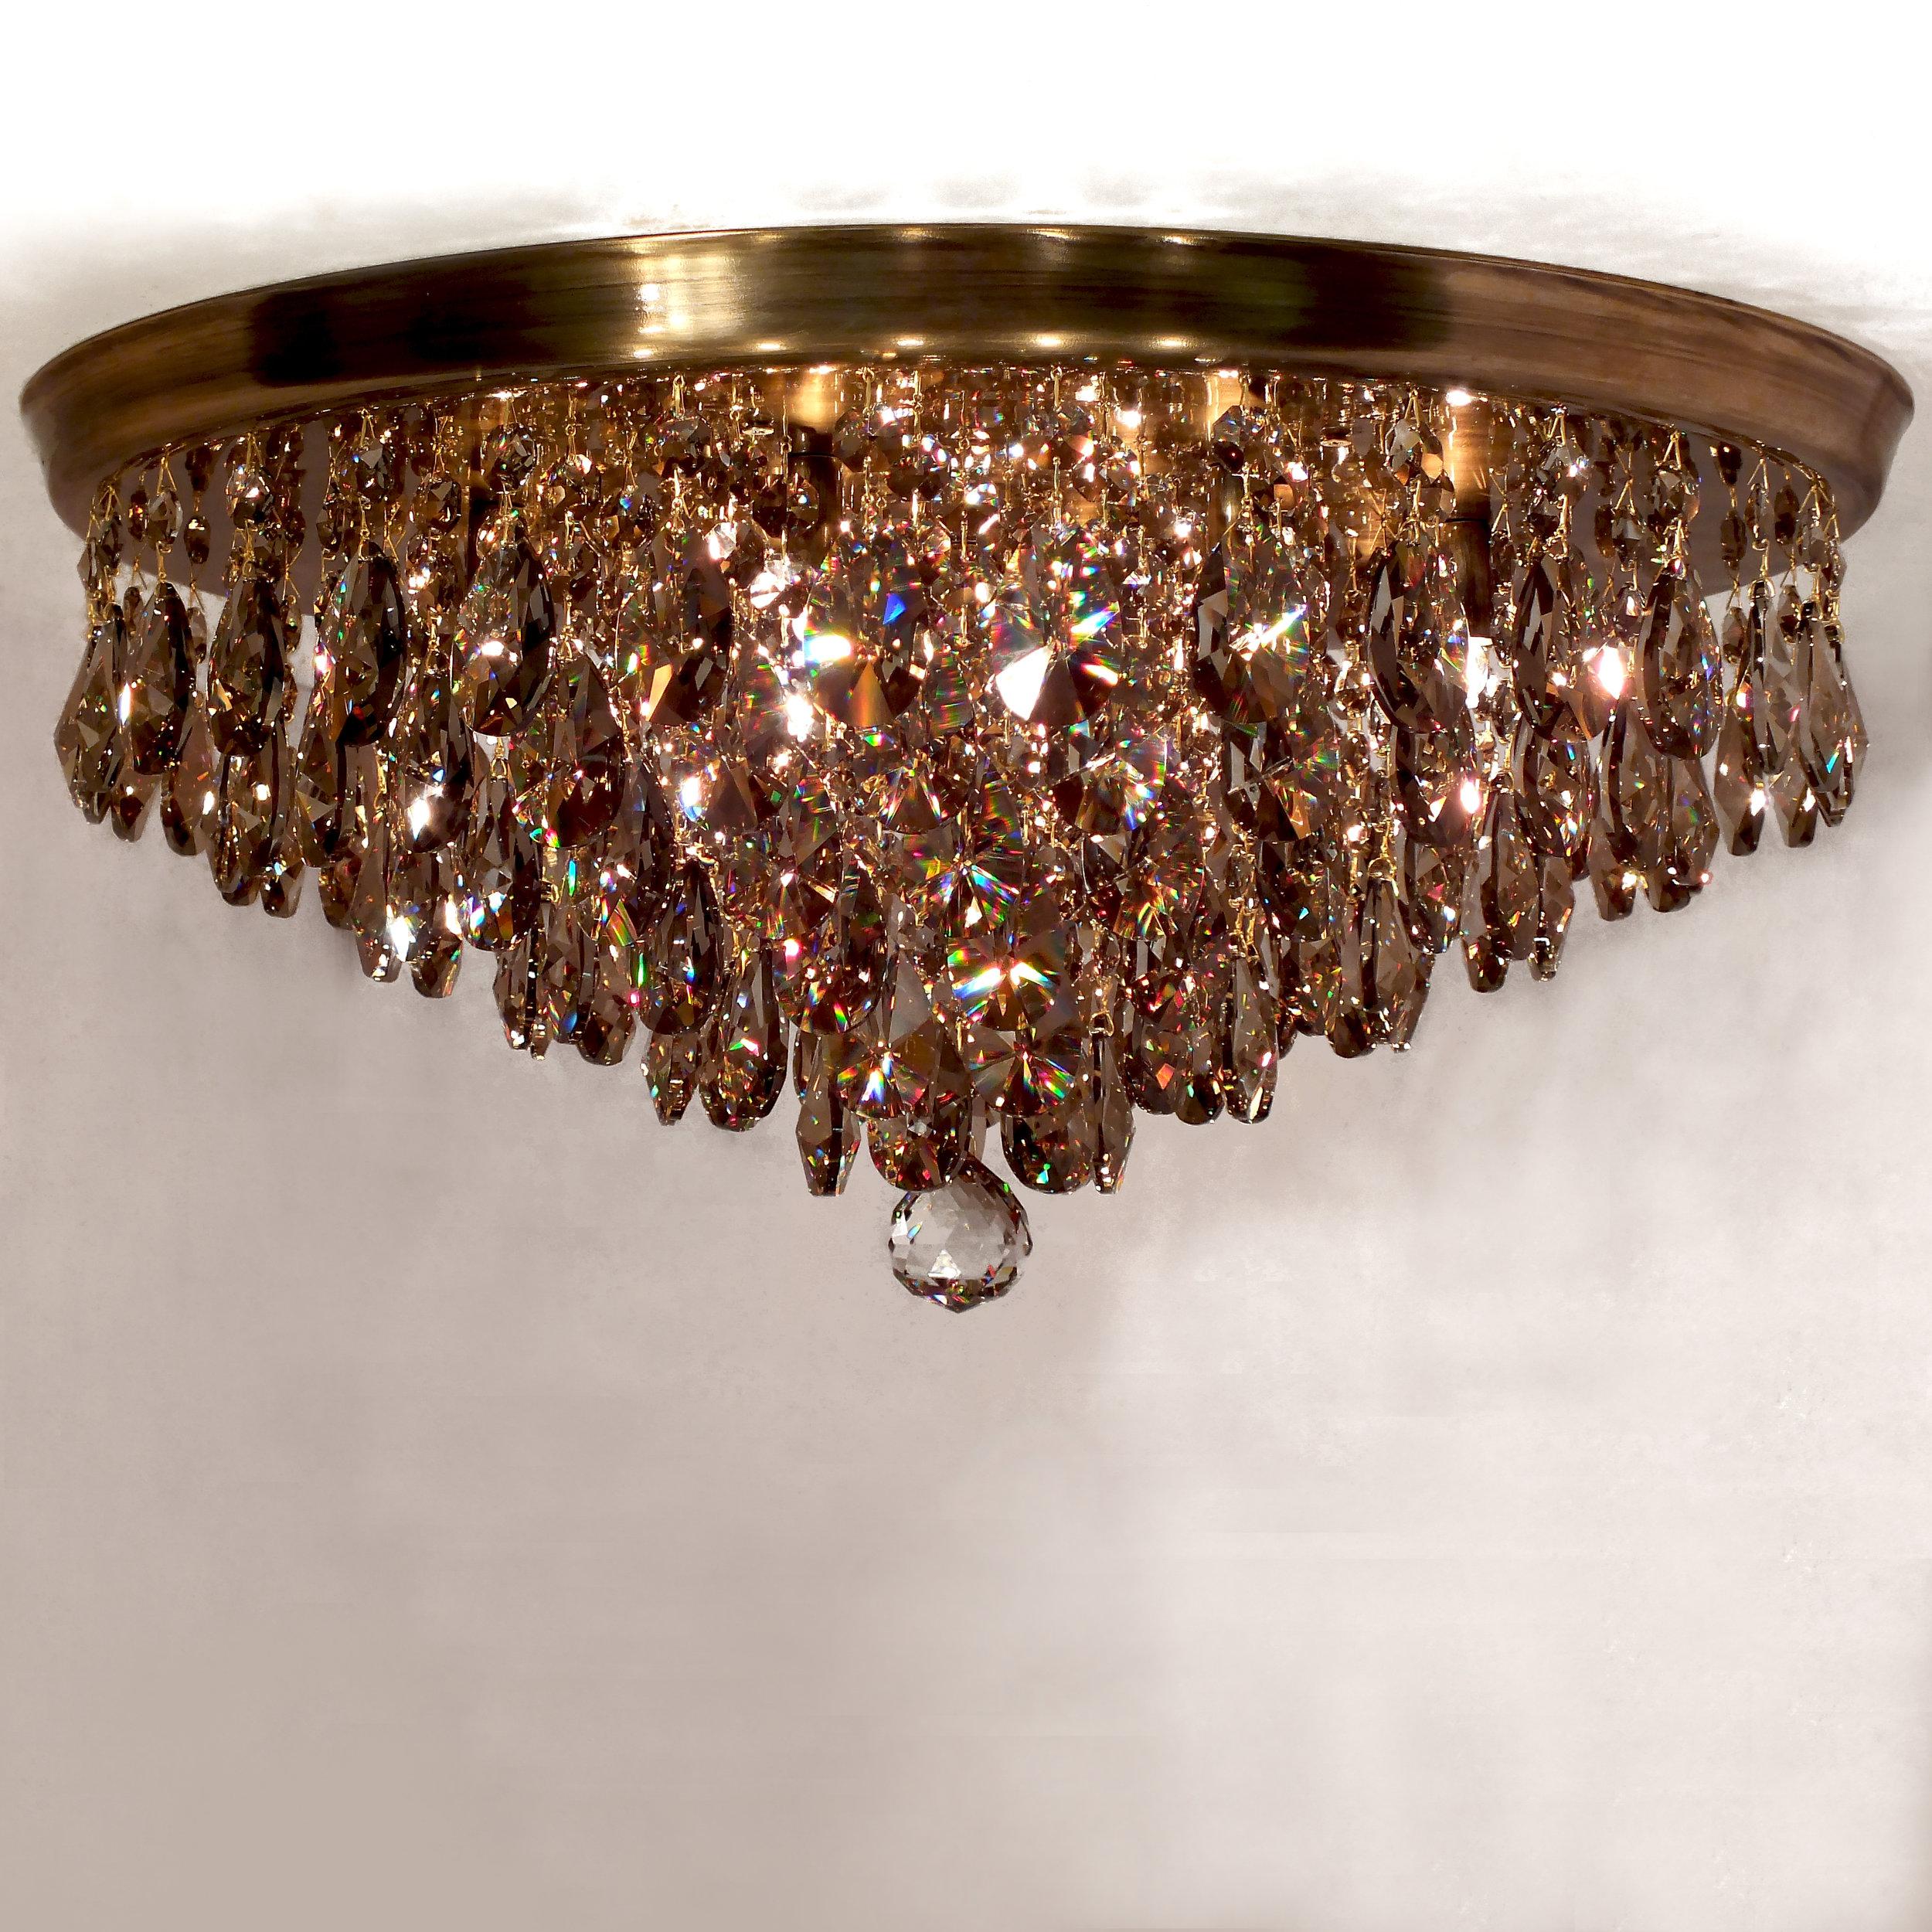 Plafon Parma em latão com acabamento brilho e cristais egípcios legítimos Golden Honey, com 65cm de diâmetro.